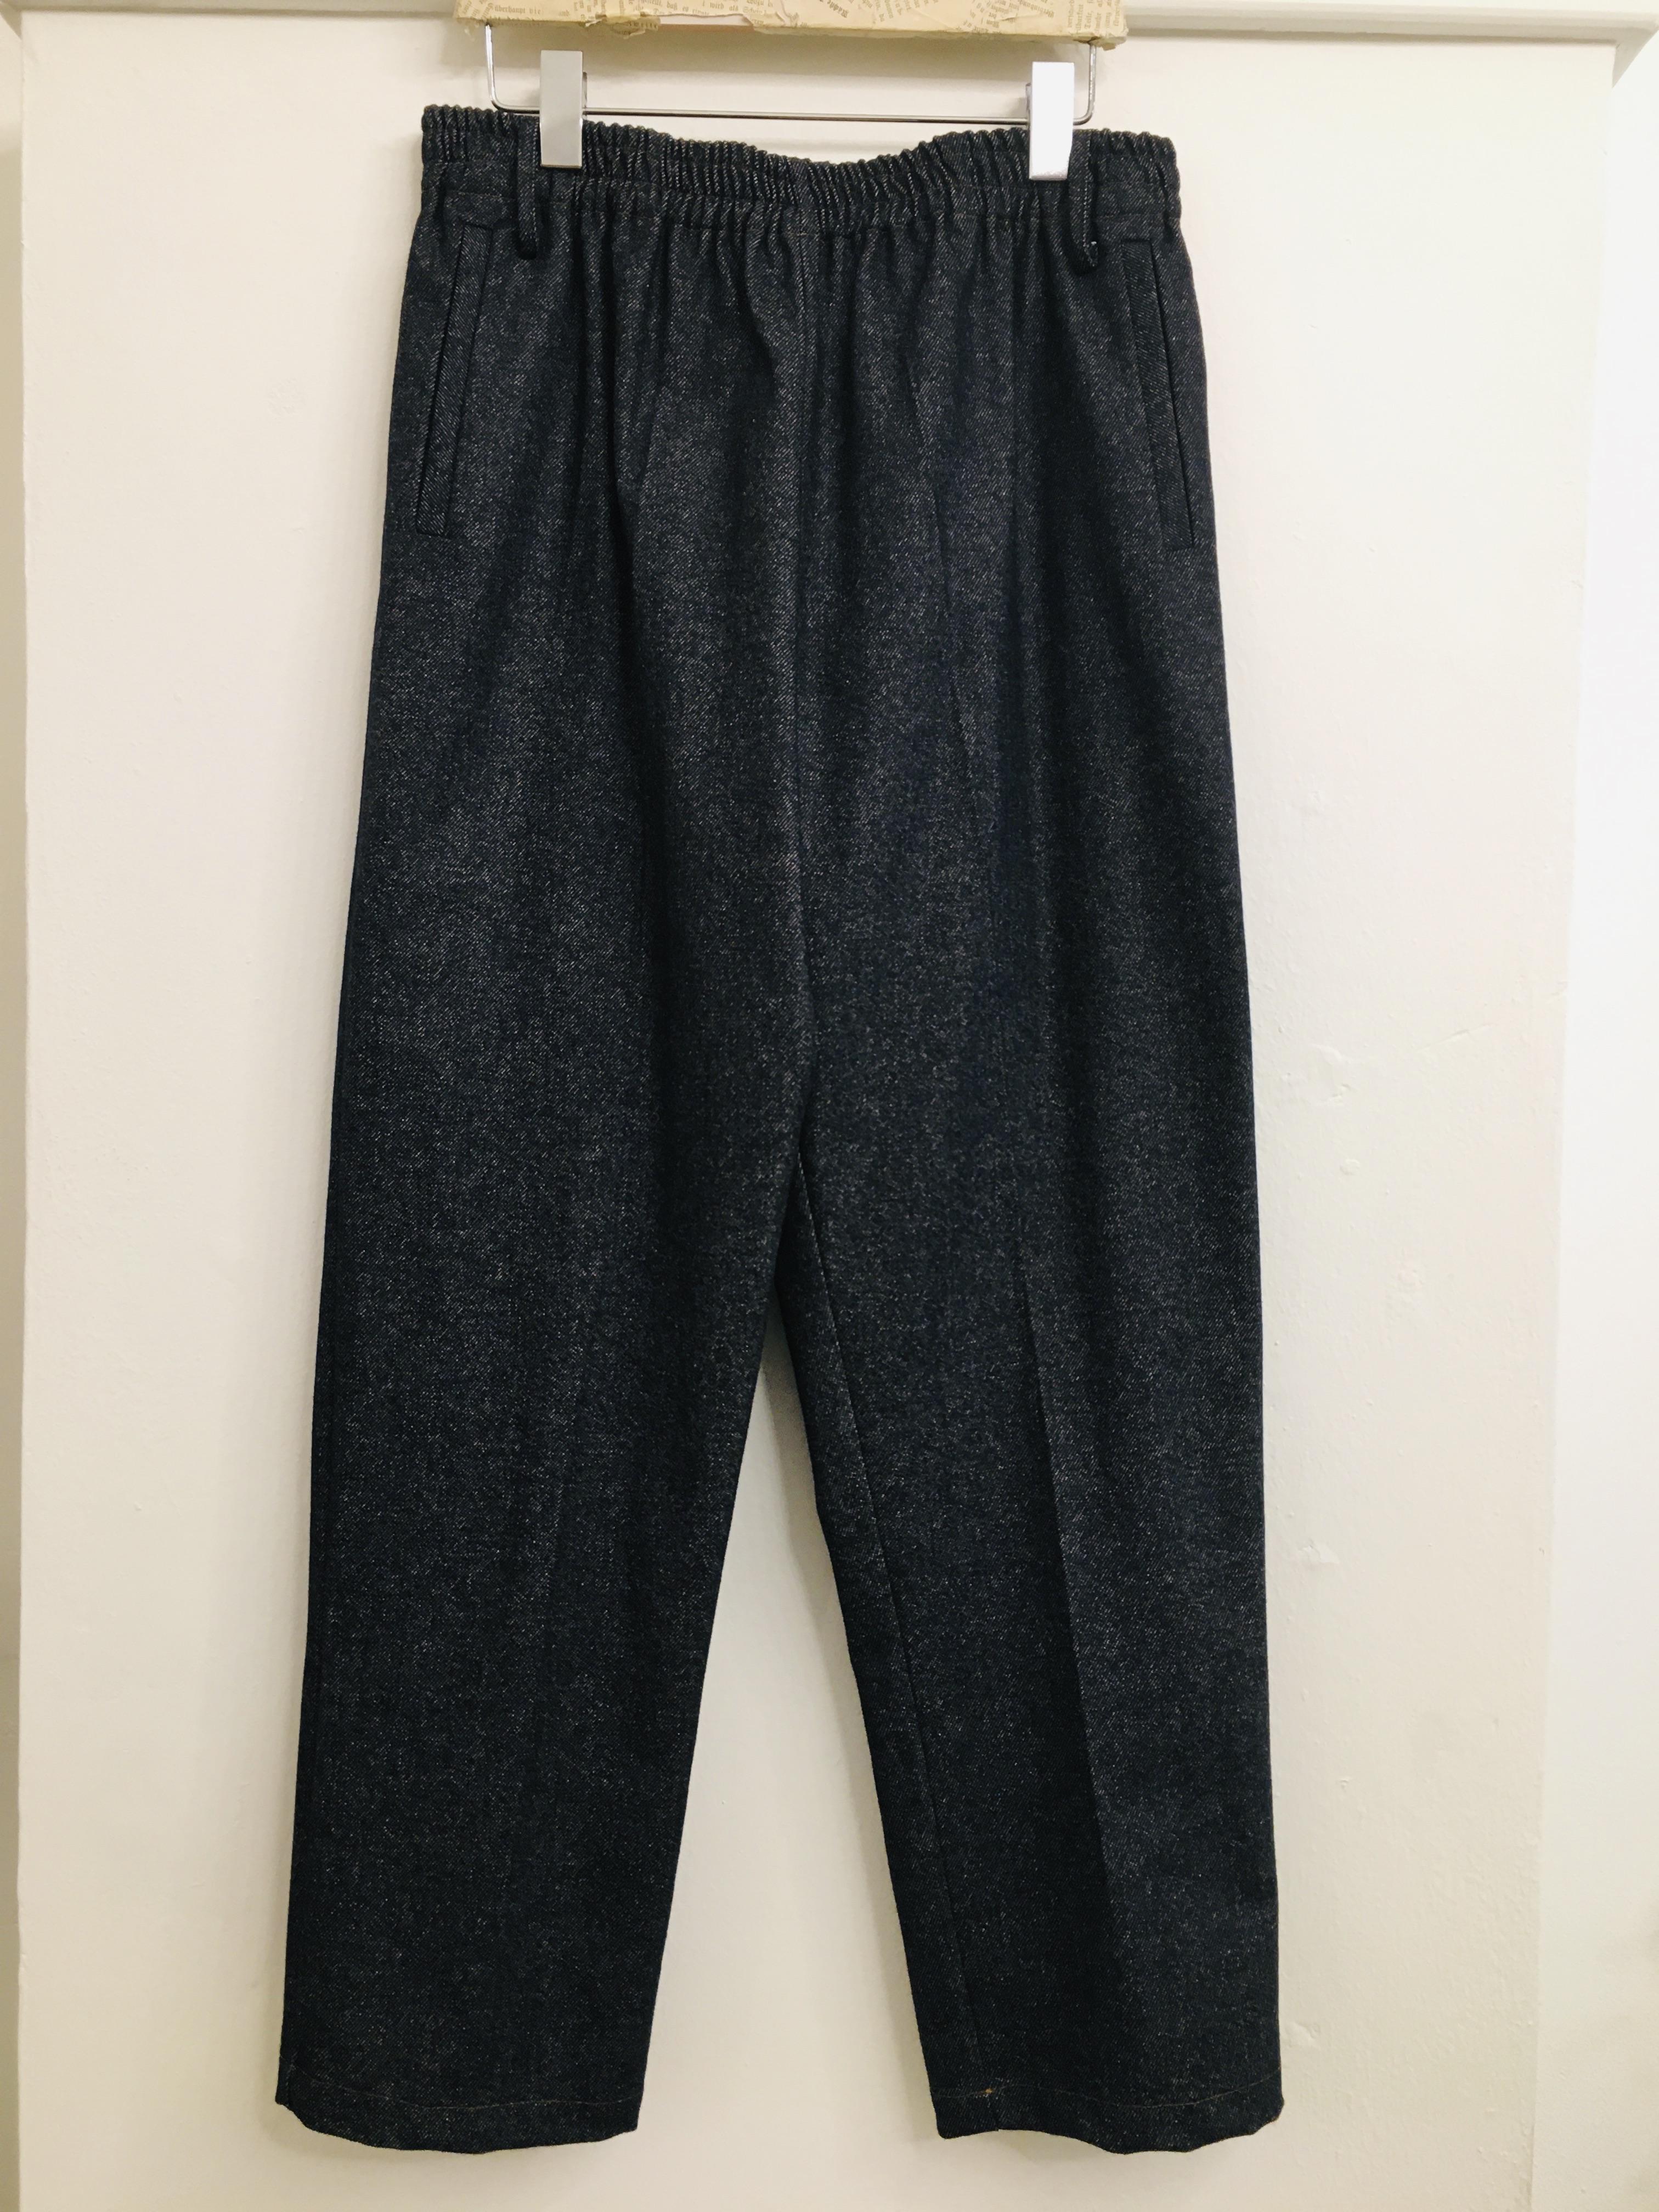 Pantalone donna  in lana e cashmere  taglio dritto  con tasche  made in Italy